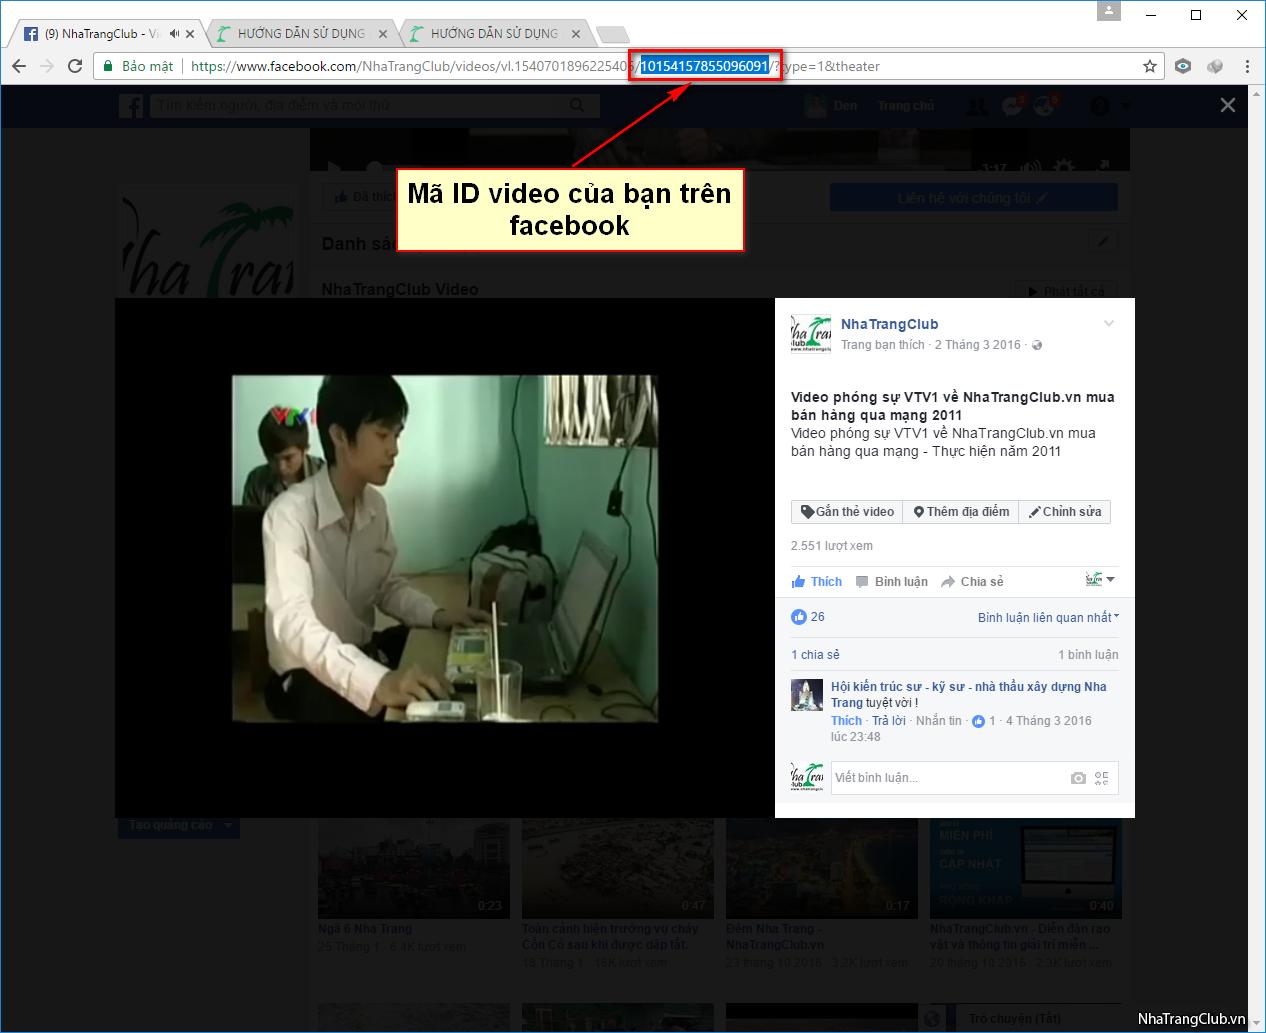 Hướng dẫn up video từ Facebook lên diễn đàn.